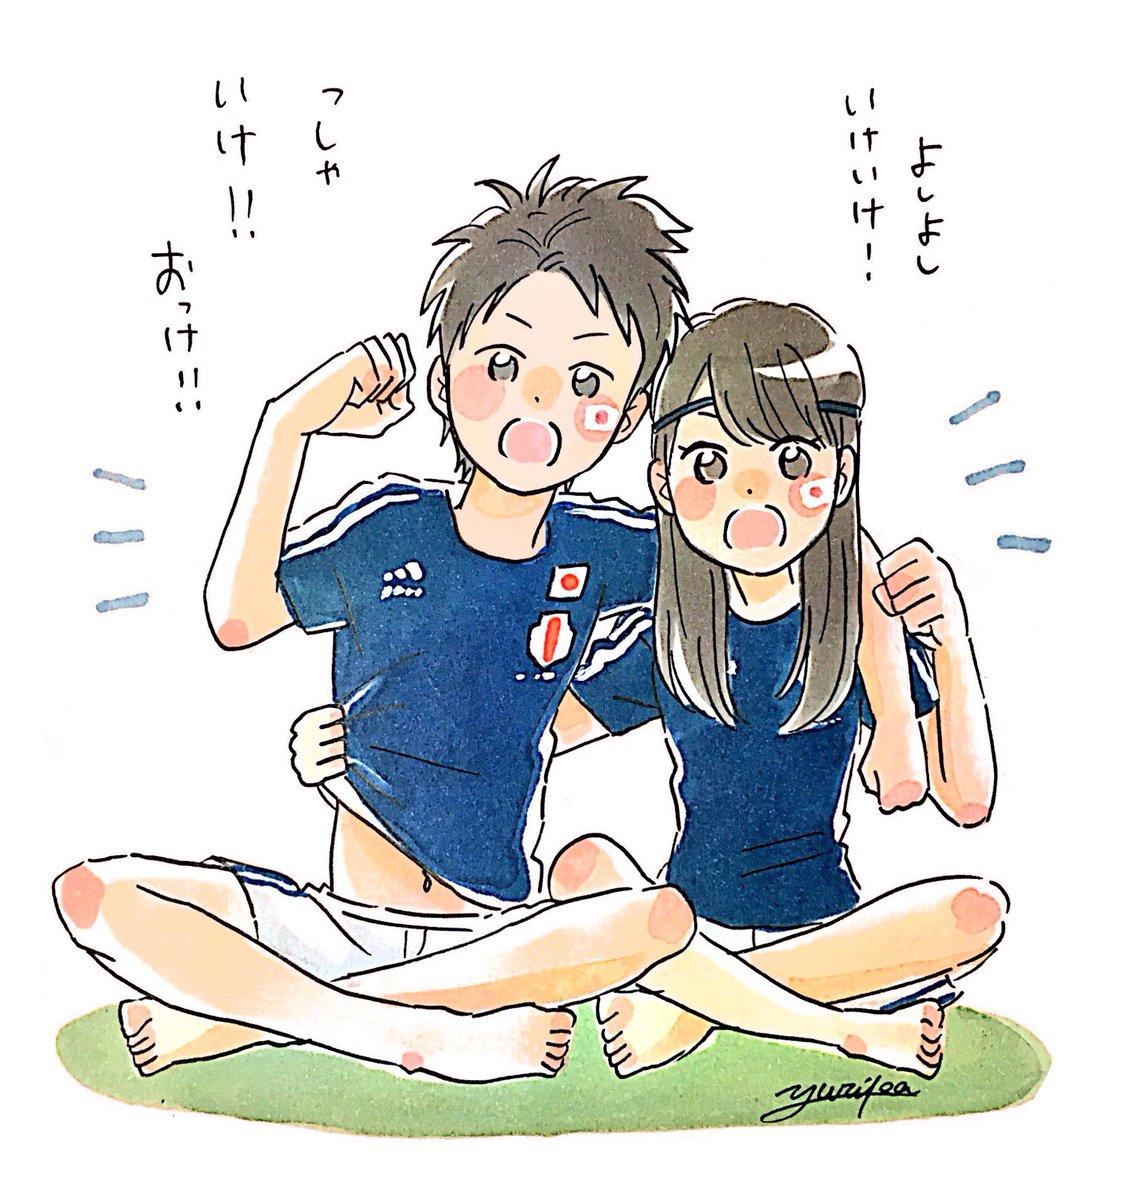 """ユリカ on twitter: """"サッカー観戦カップル⚽💓💑 サッカー見ましたか"""